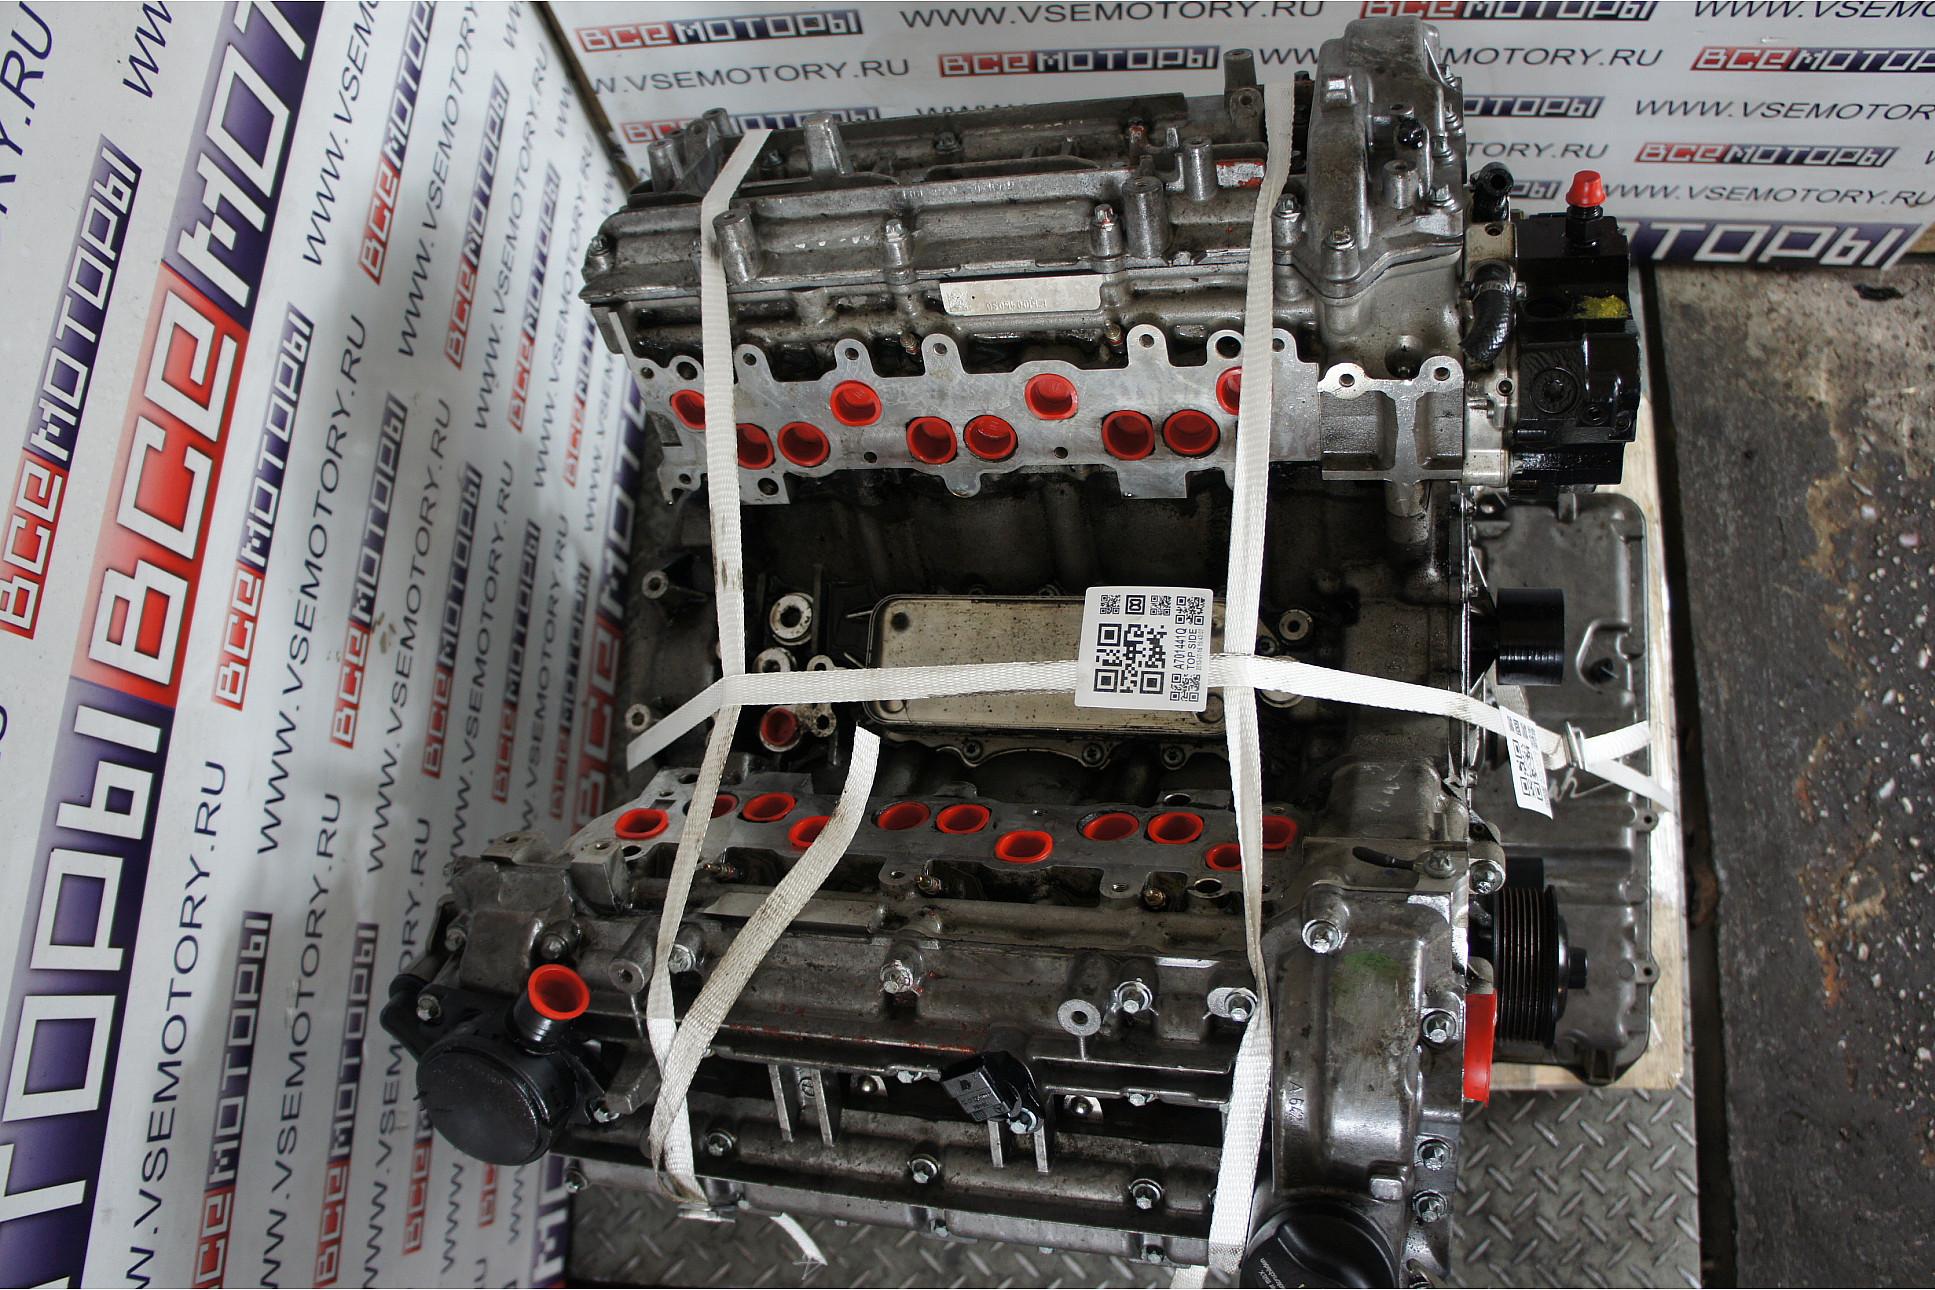 Мерседес om642 замена теплообменника теплообменники типа труба в трубе принцип работы